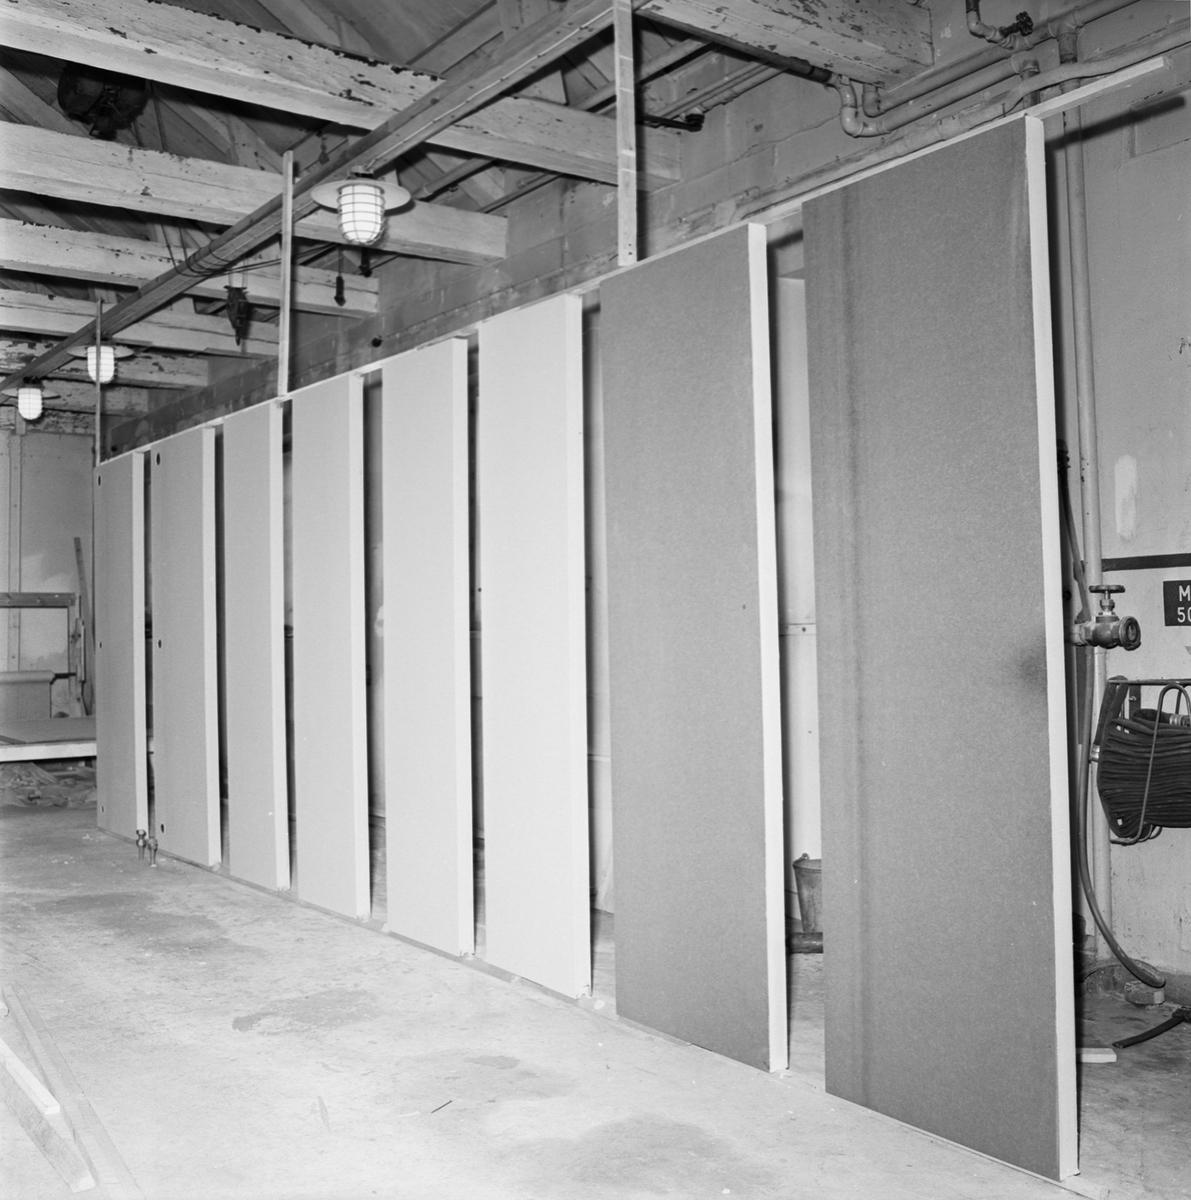 Övrigt: Fotodatum 28/4 1966 Byggnader och Kranar Provelement i båtverkst och minsveparhallen. Närmast identisk bild: V37066, ej skannad